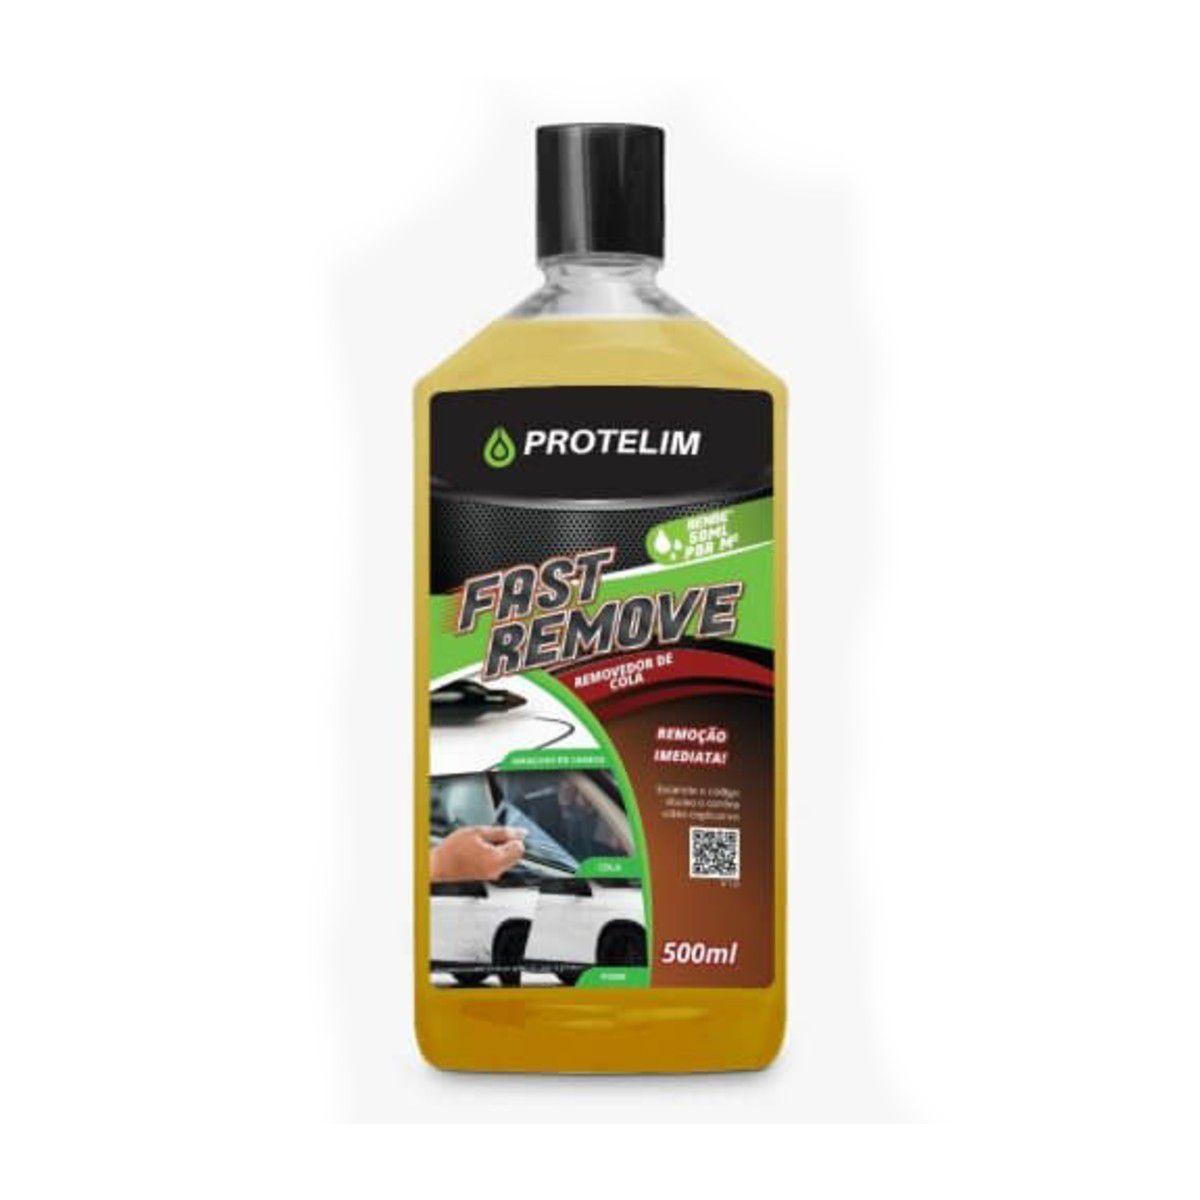 Protelim Fast Remove 500ml - Removedor de Cola, Piche, Caneta e Chiclete